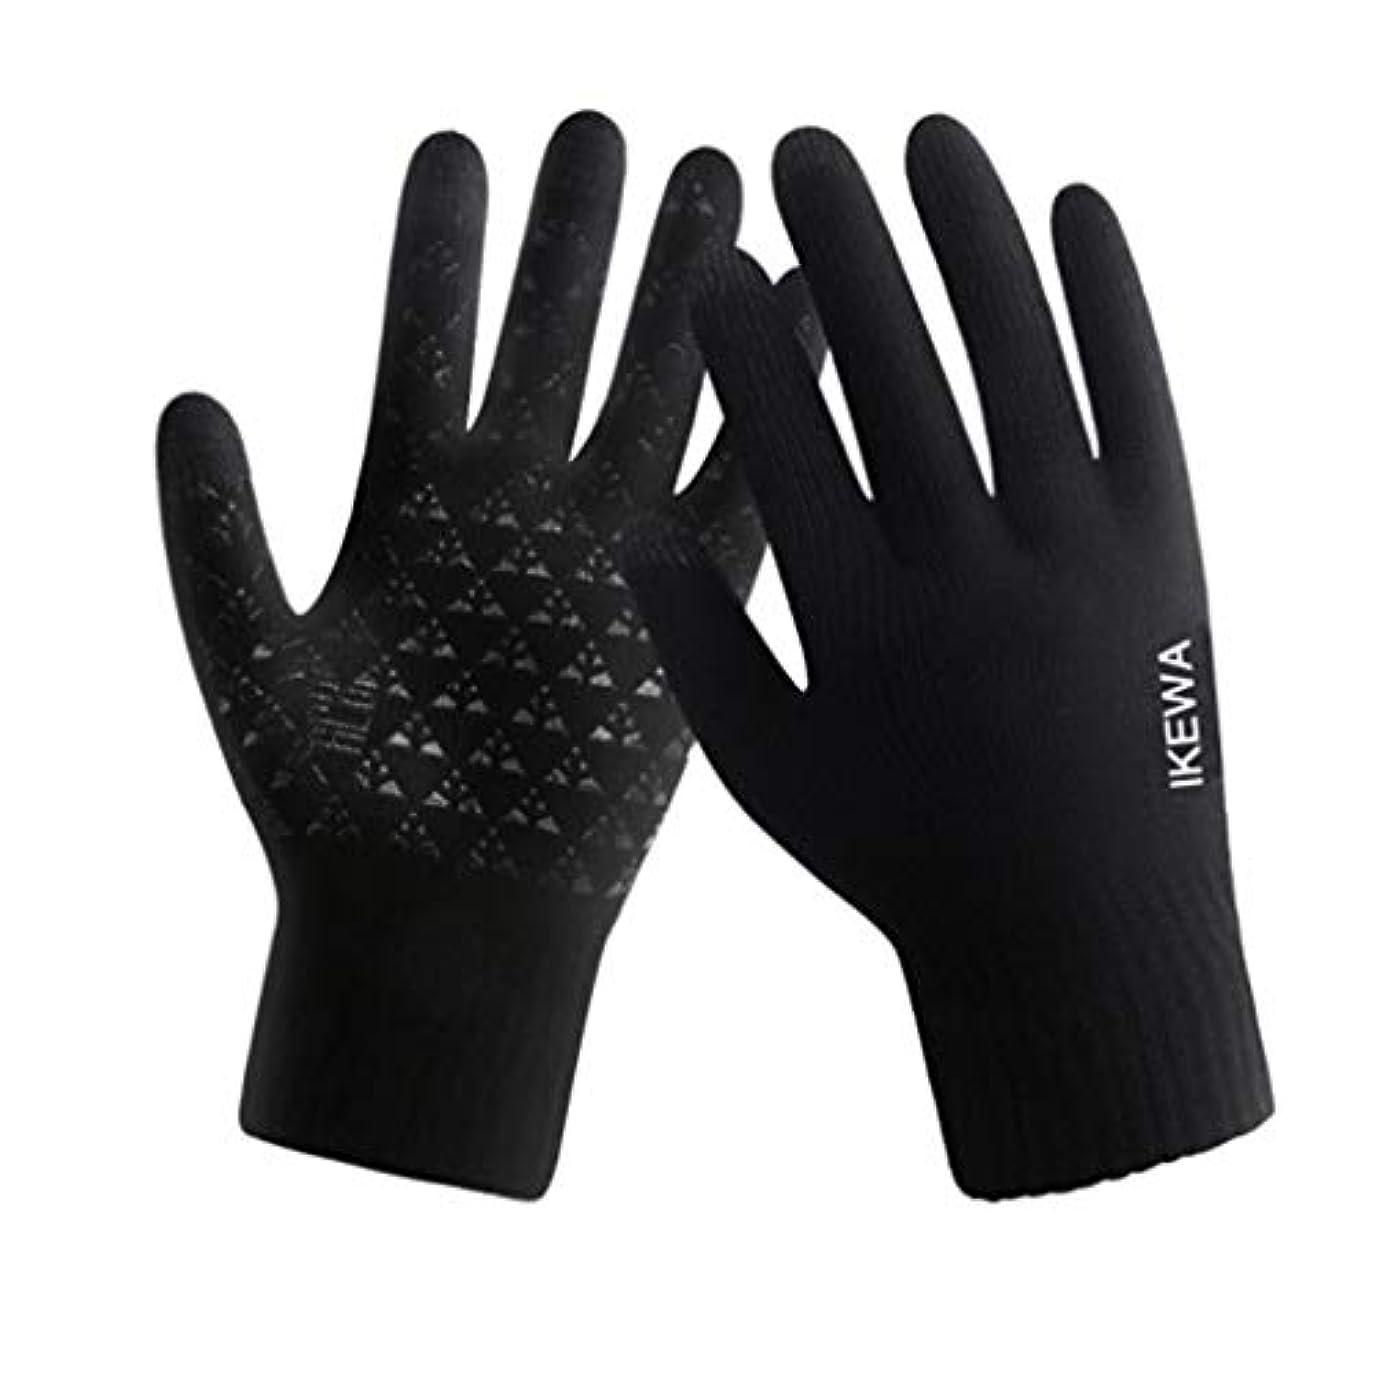 誇張ハシーどう?冬の羊毛の手袋、男性と女性、サイクリング、暖かいニット、タッチスクリーン、5本指の手袋、黒(男性)